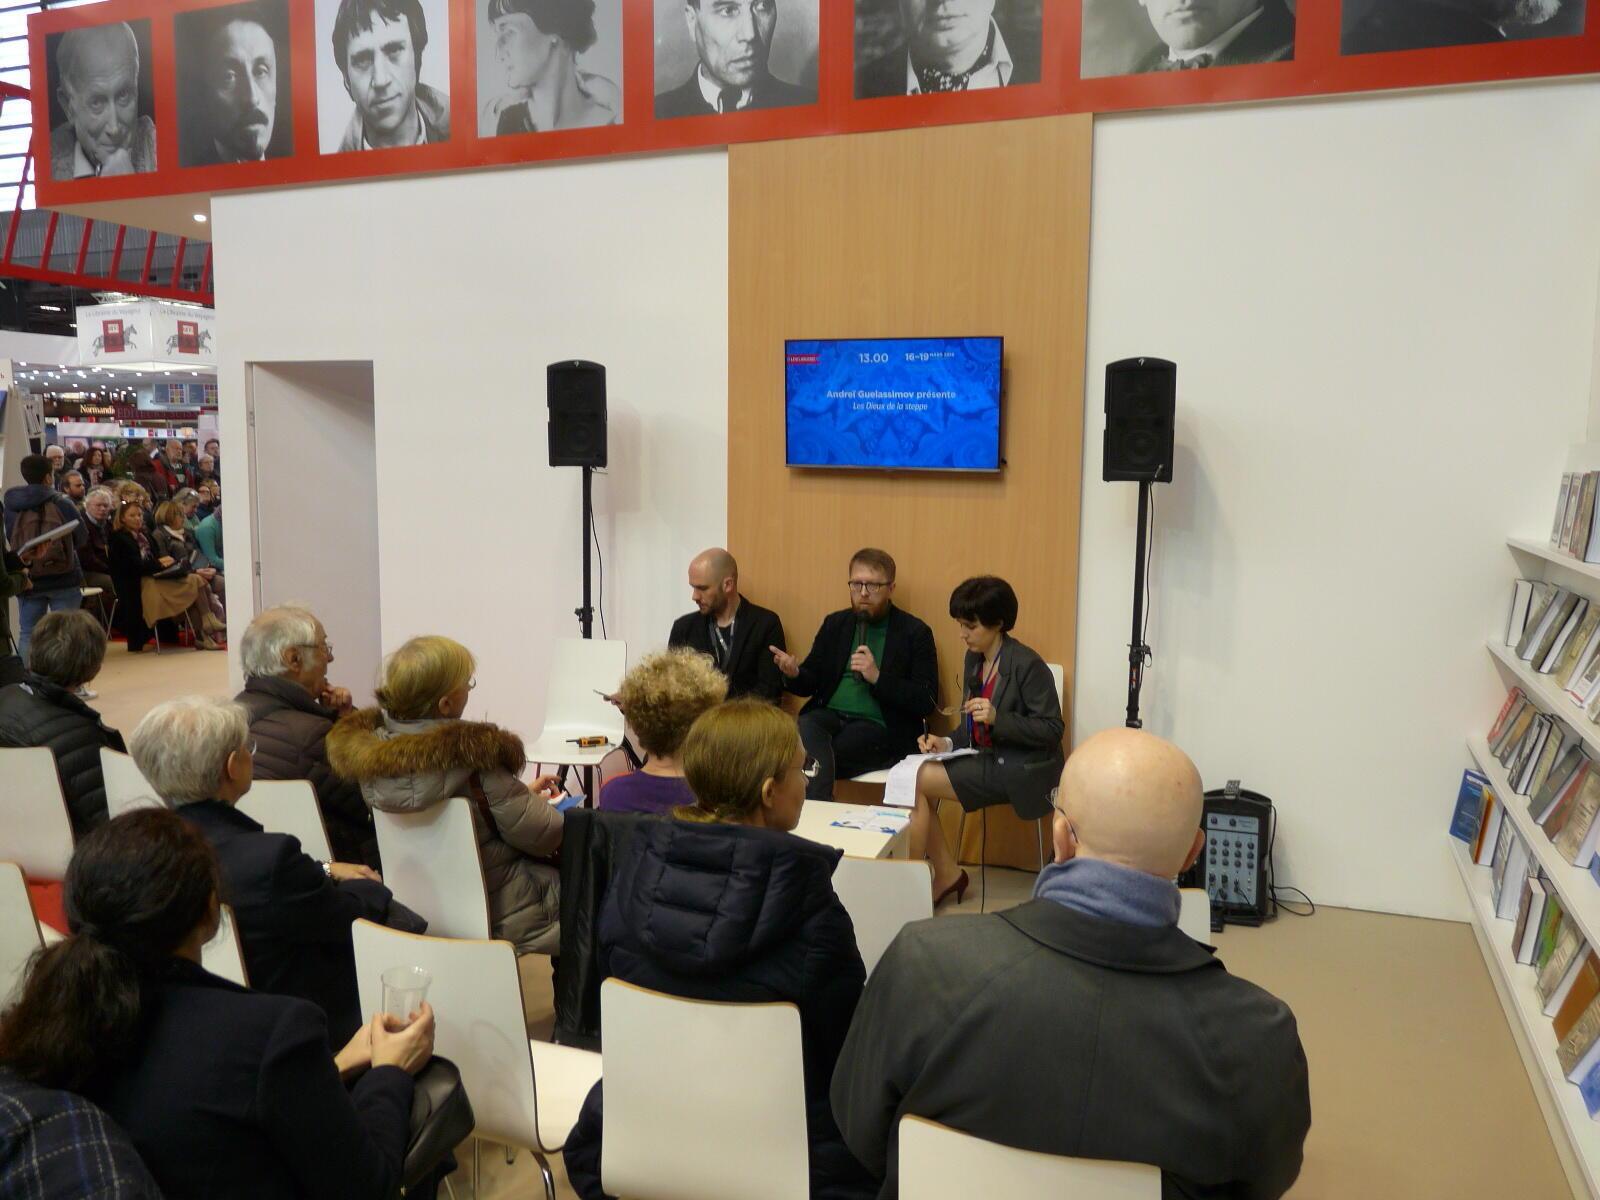 Писатель Андрей Геласимов (в центре) - встреча с читателями на парижской книжной ярмарке 16 марта 2018